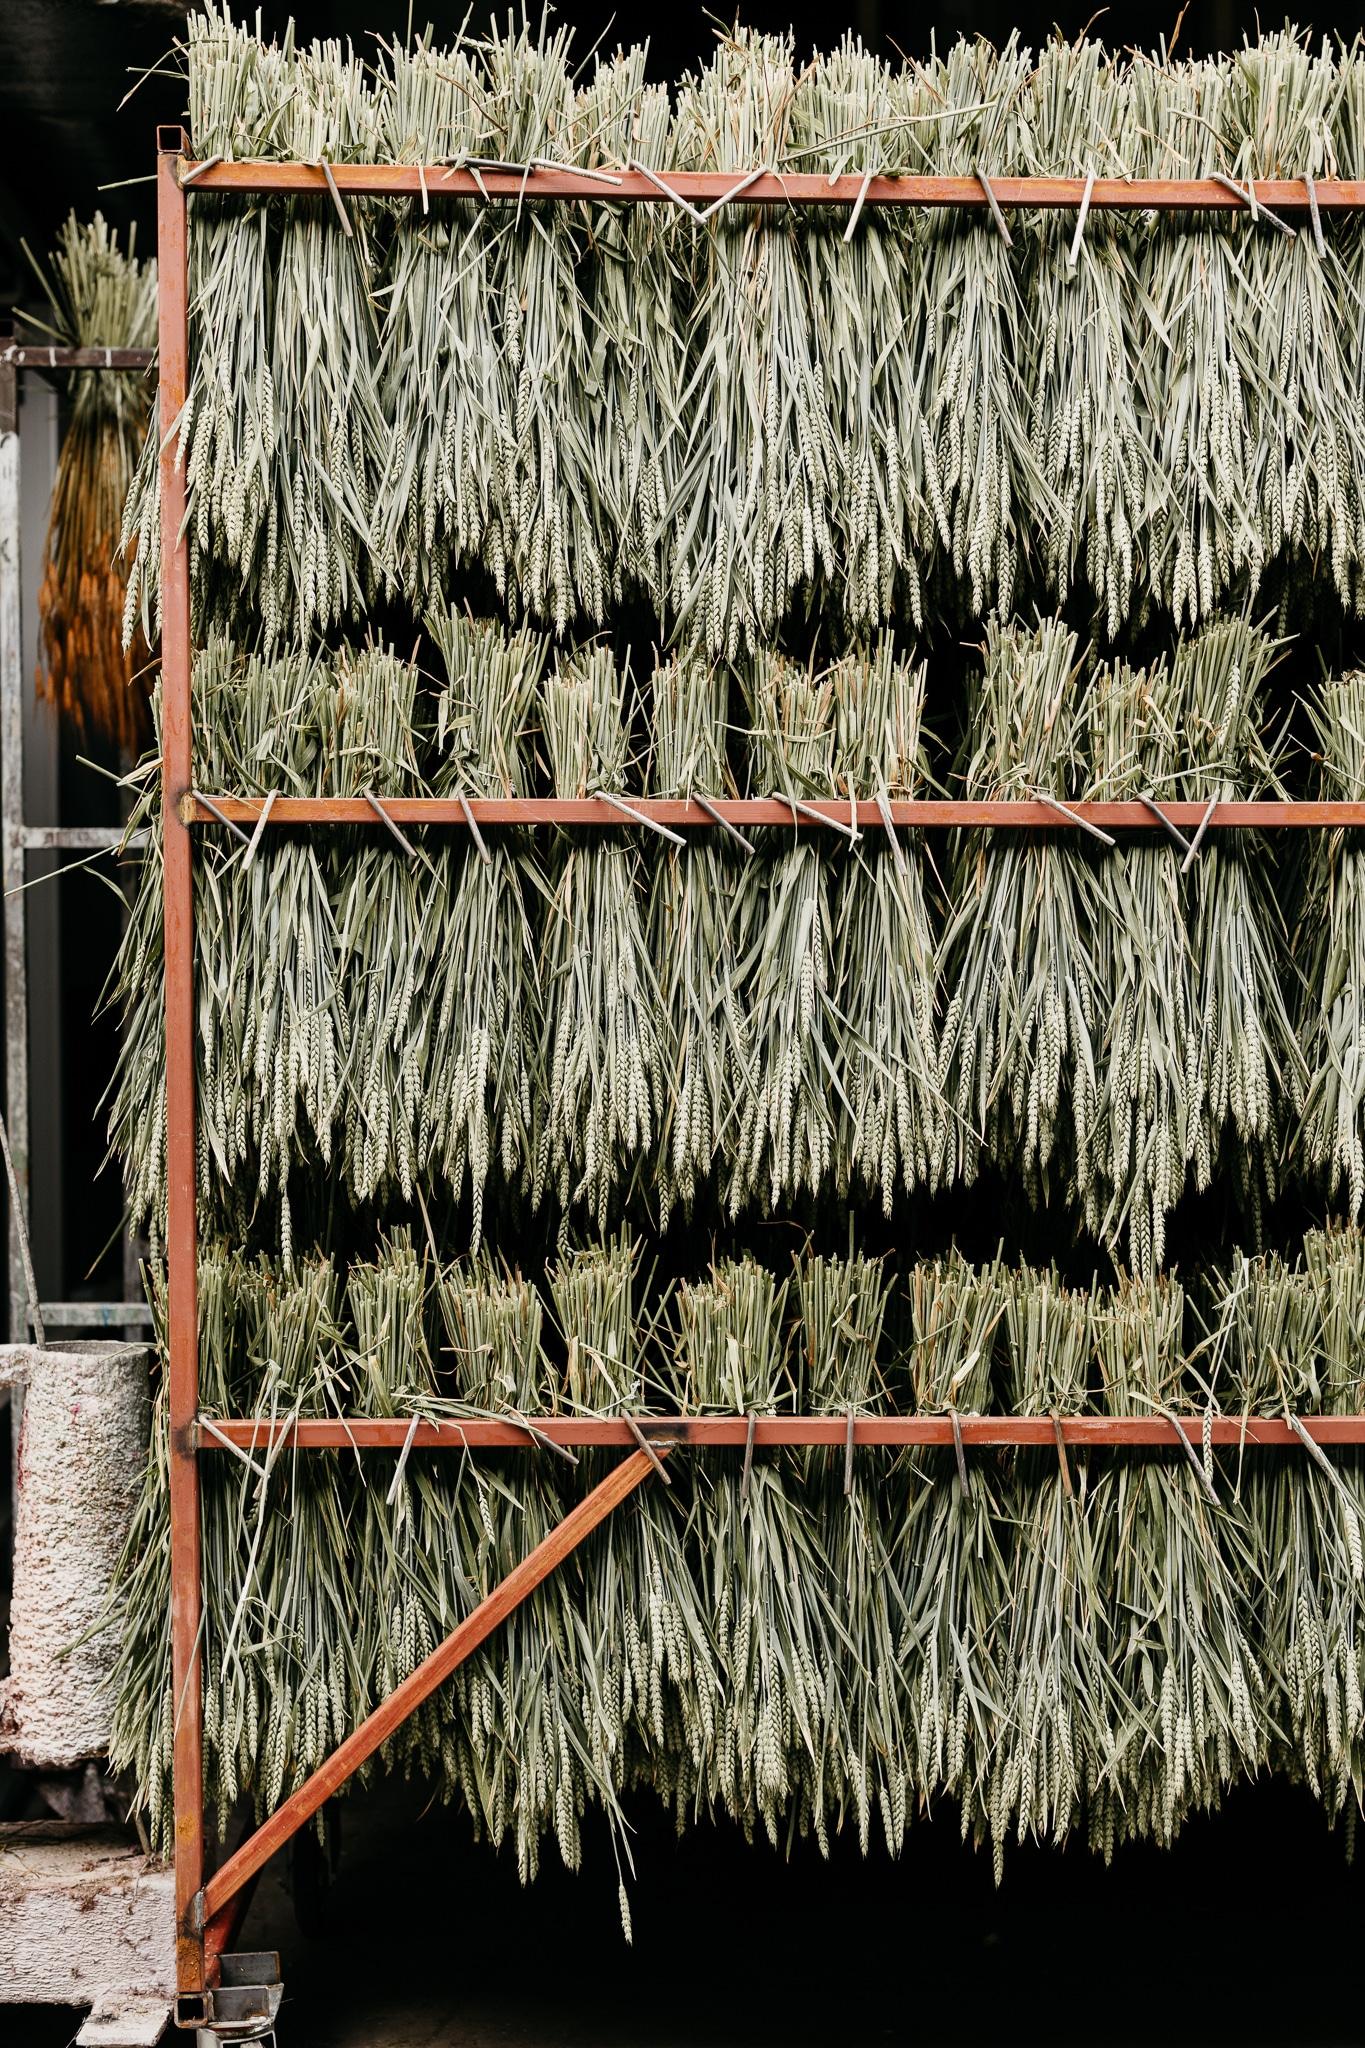 gedroogde tarwe